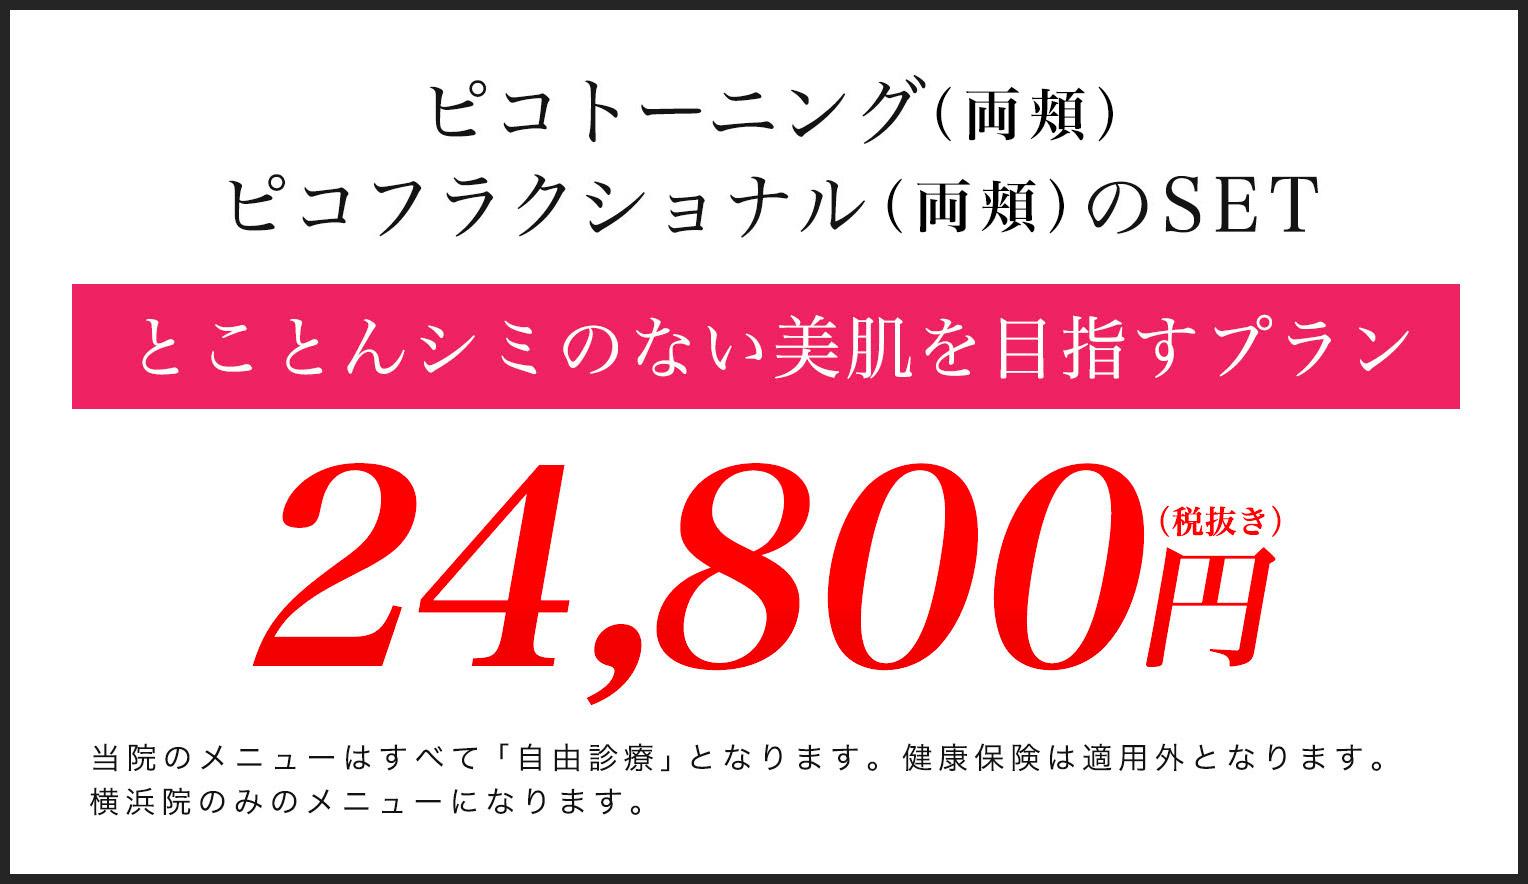 ピコレーザートーニング ピコフラクショナルSET 初回トライアル 両頬1回 24,800円(税込)